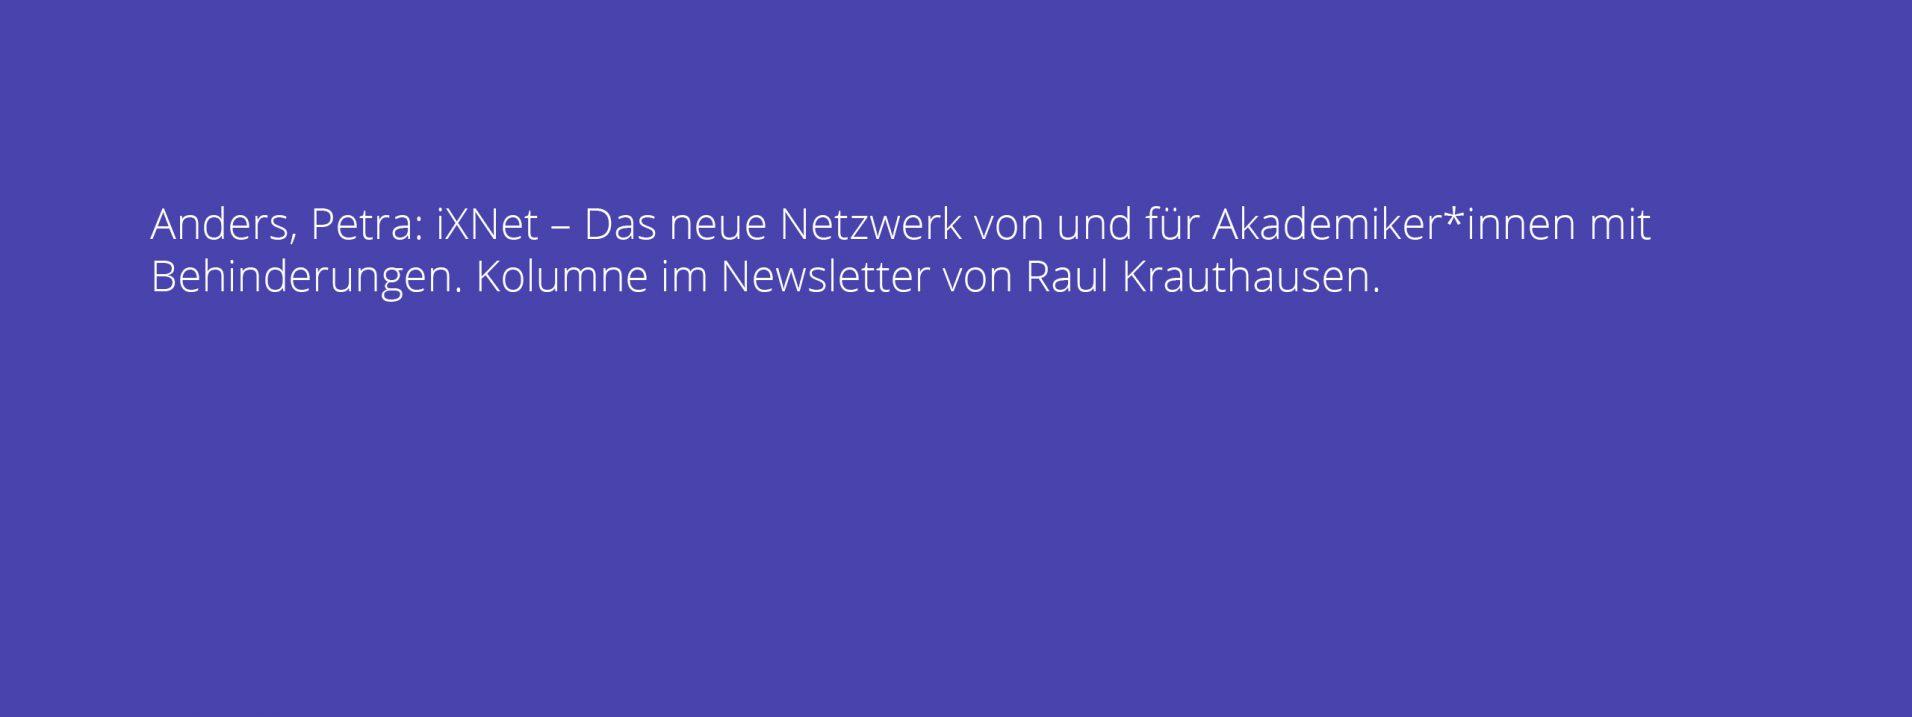 Anders, Petra: iXNet – Das neue Netzwerk von und für Akademiker*innen mit Behinderungen. Kolumne im Newsletter von Raul Krauthausen.